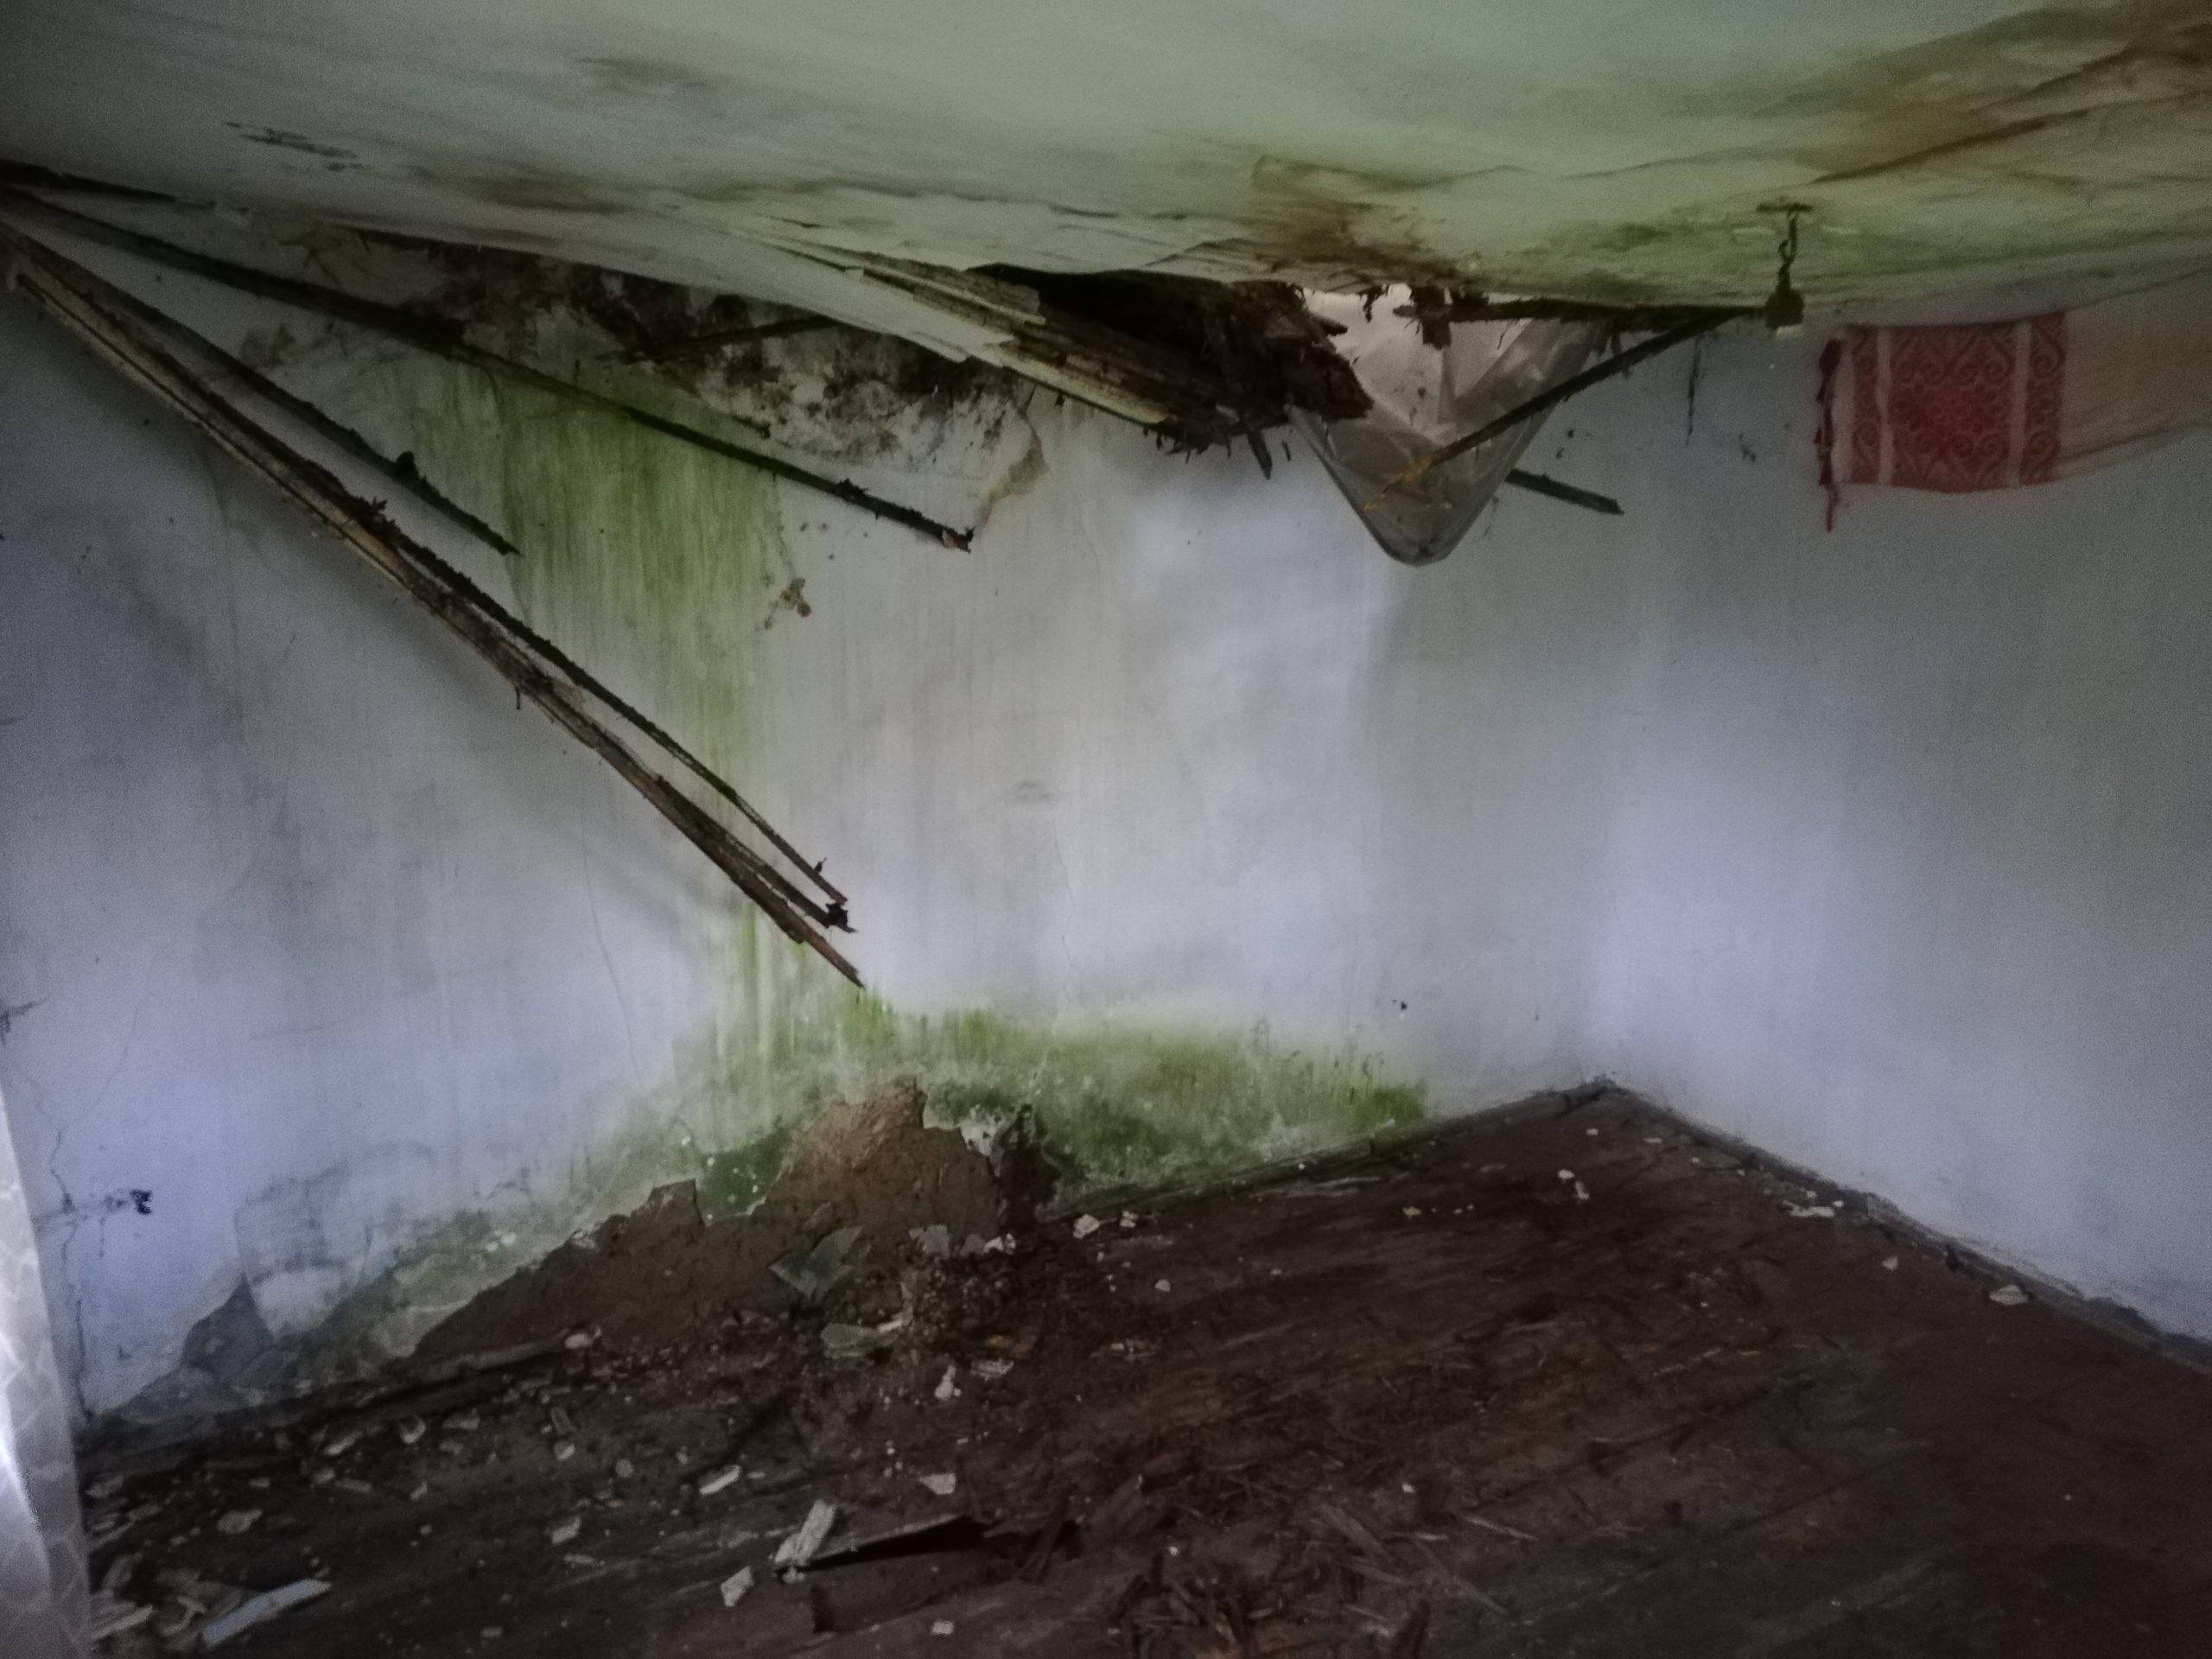 Recondiționarea a început cu cea mai importantă lucrare, acoperișul